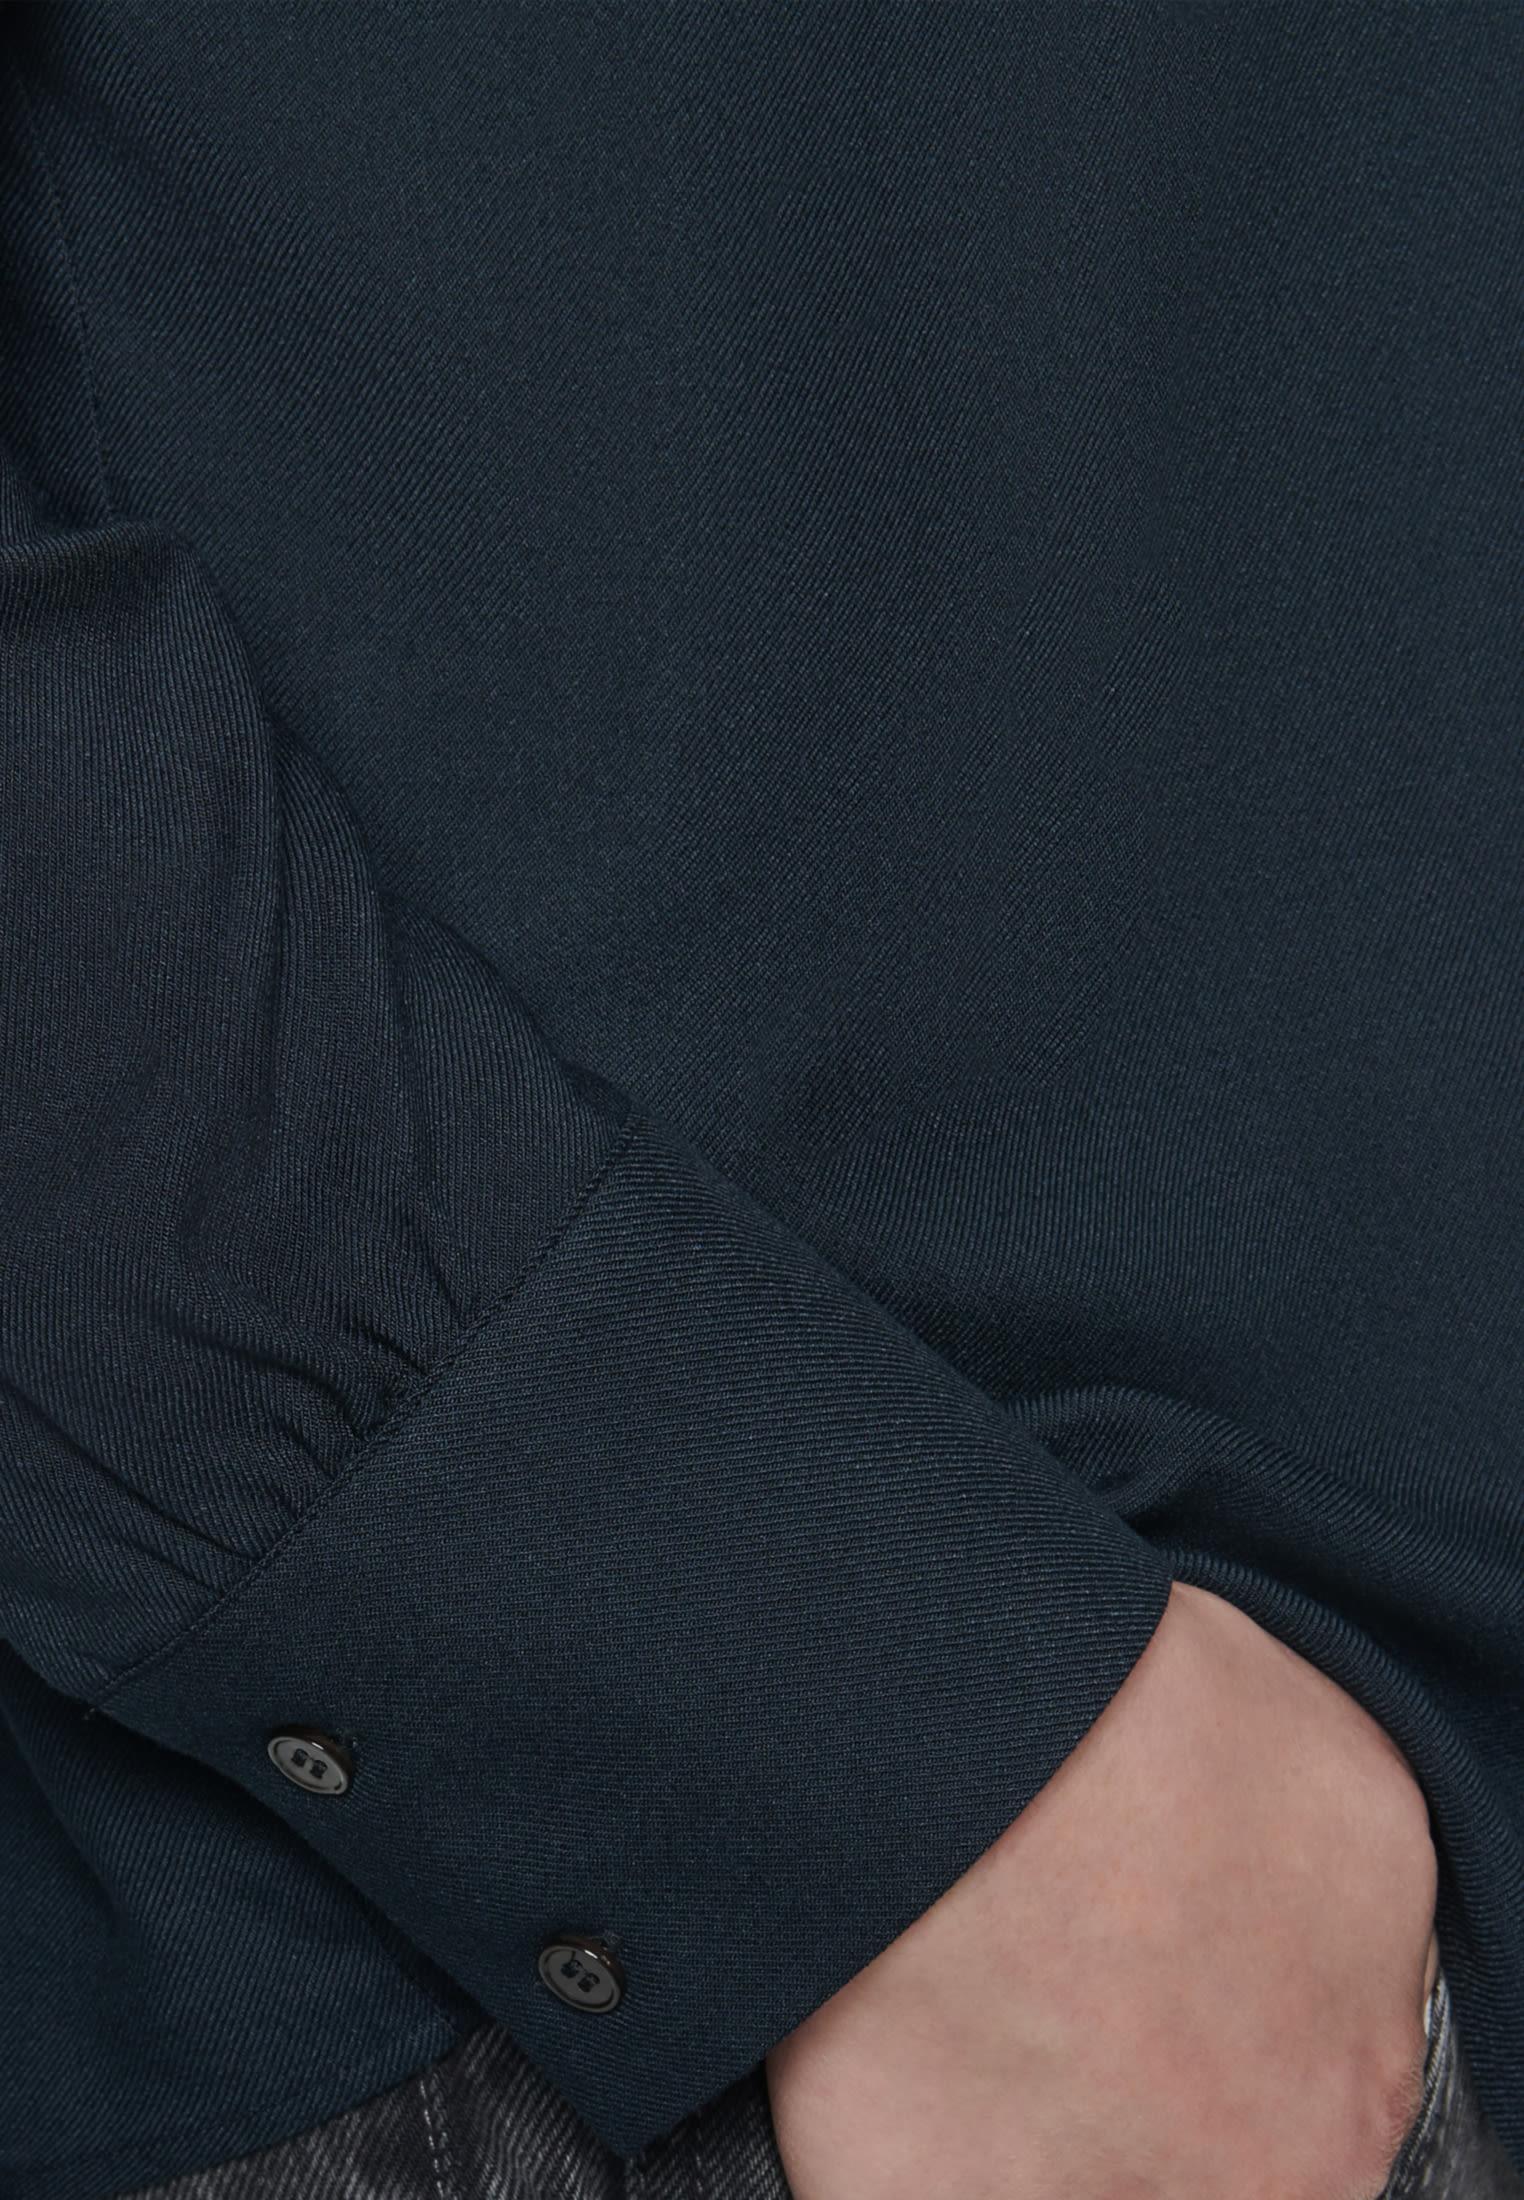 Twill Stehkragenbluse aus 100% Viskose in Schwarz |  Seidensticker Onlineshop